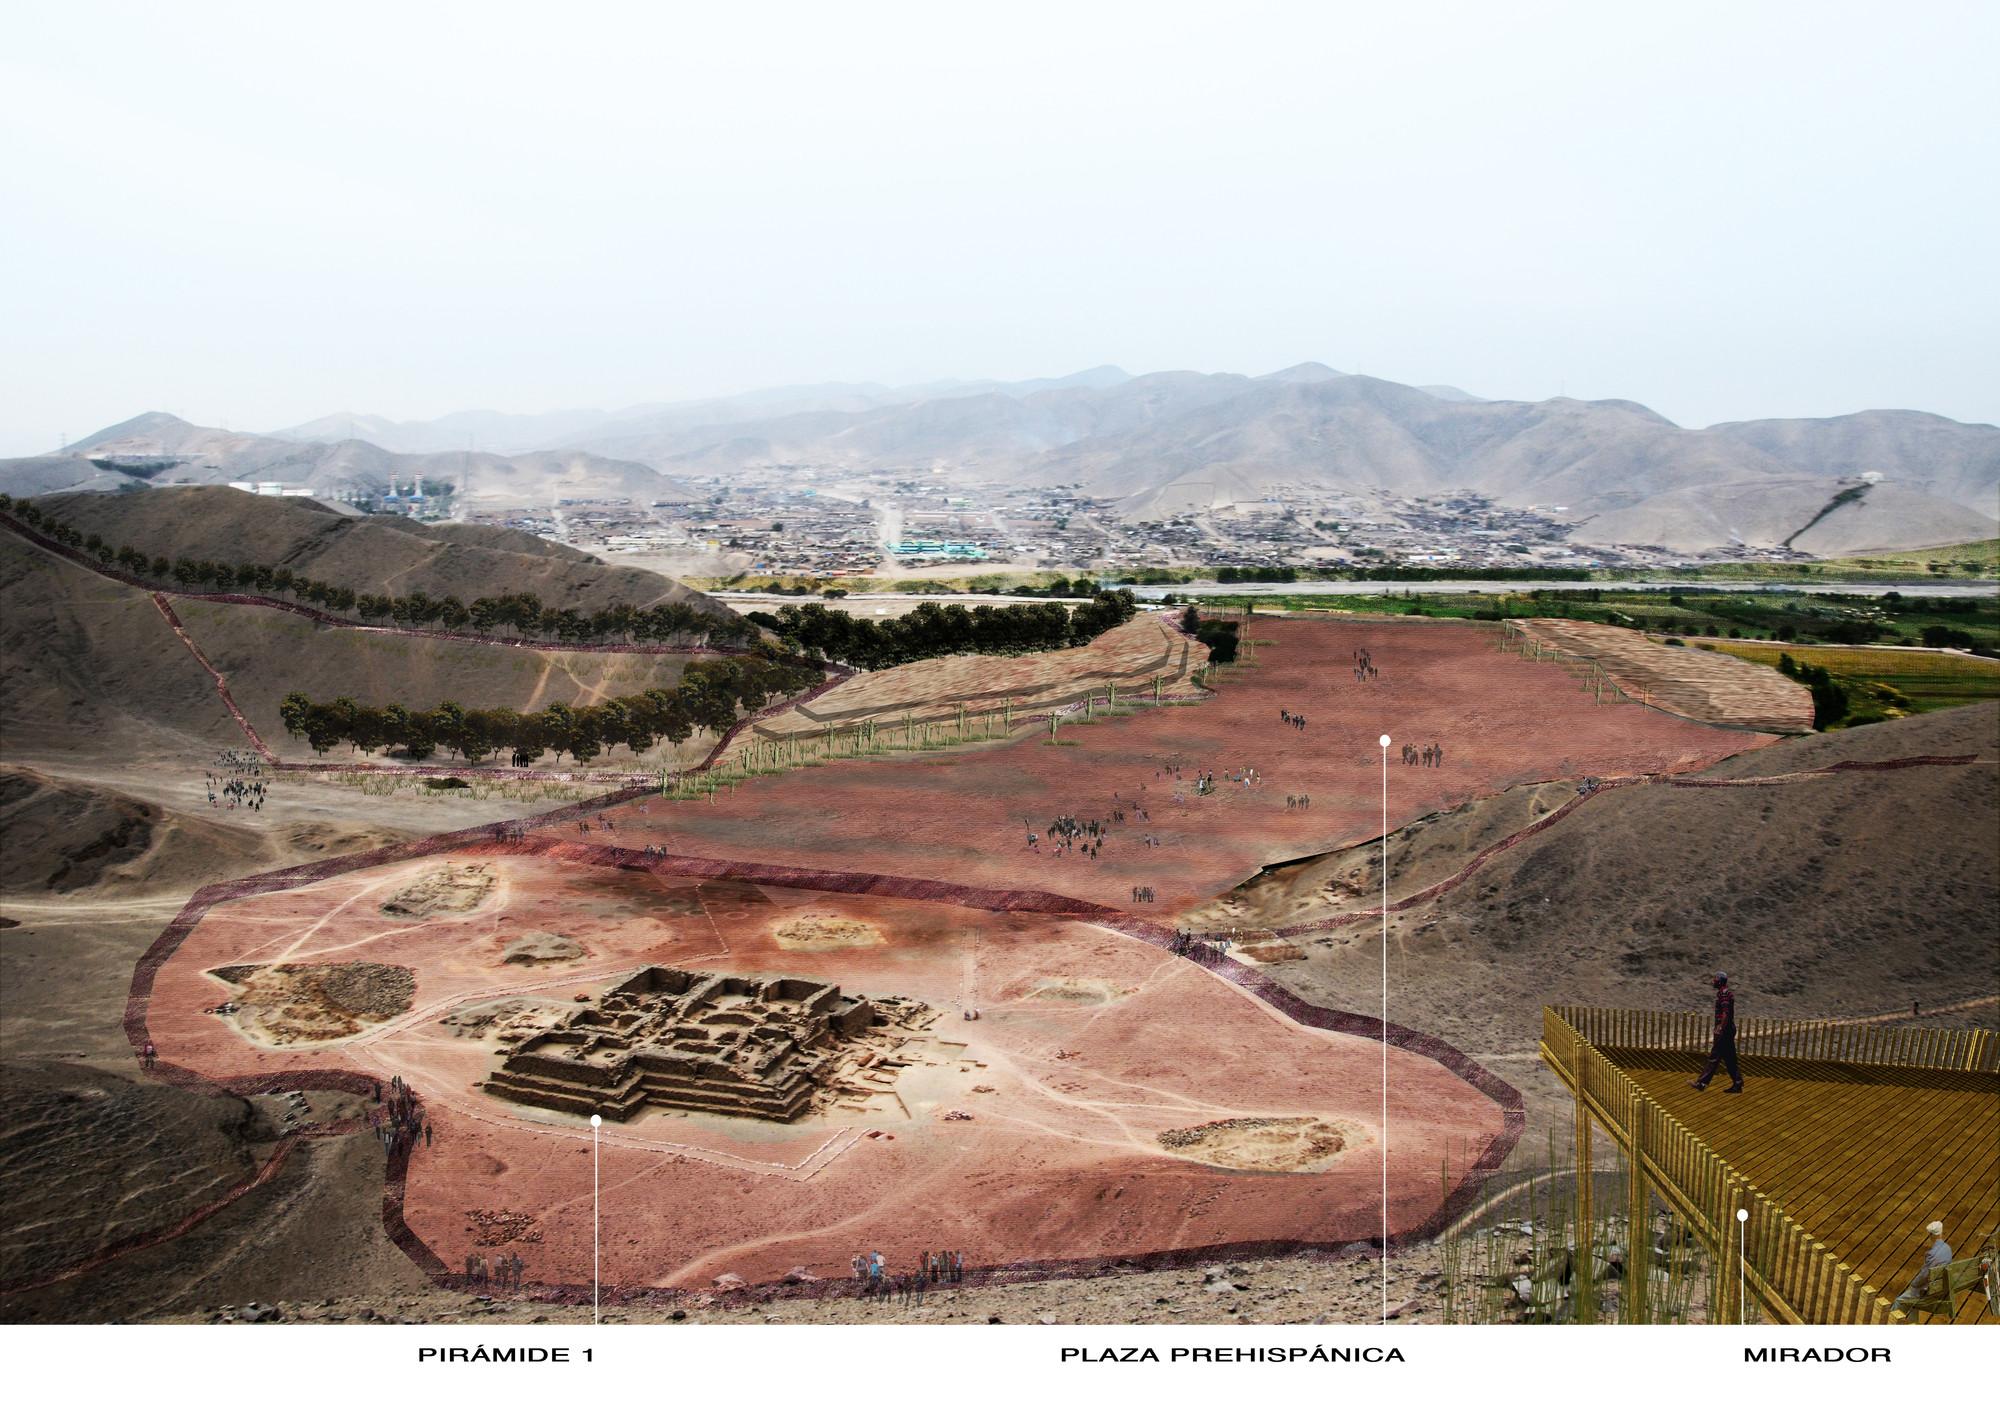 Imagen Segundo Lugar. Image Courtesy of ESTUDIO SHICRAS